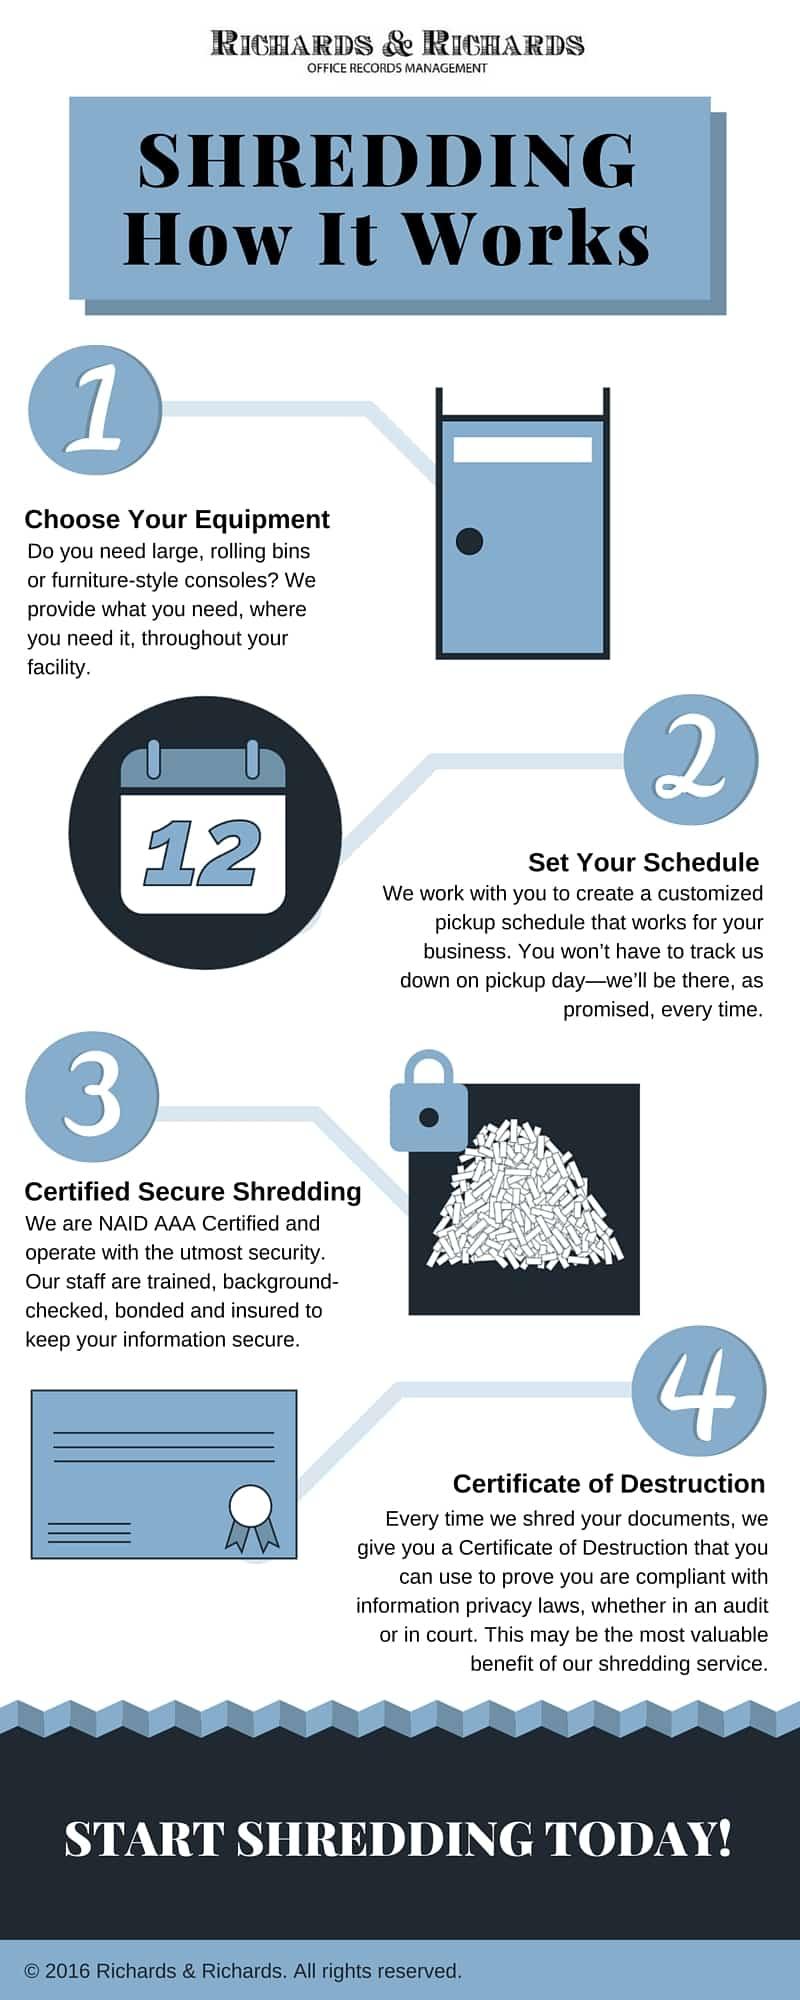 How Shredding Works